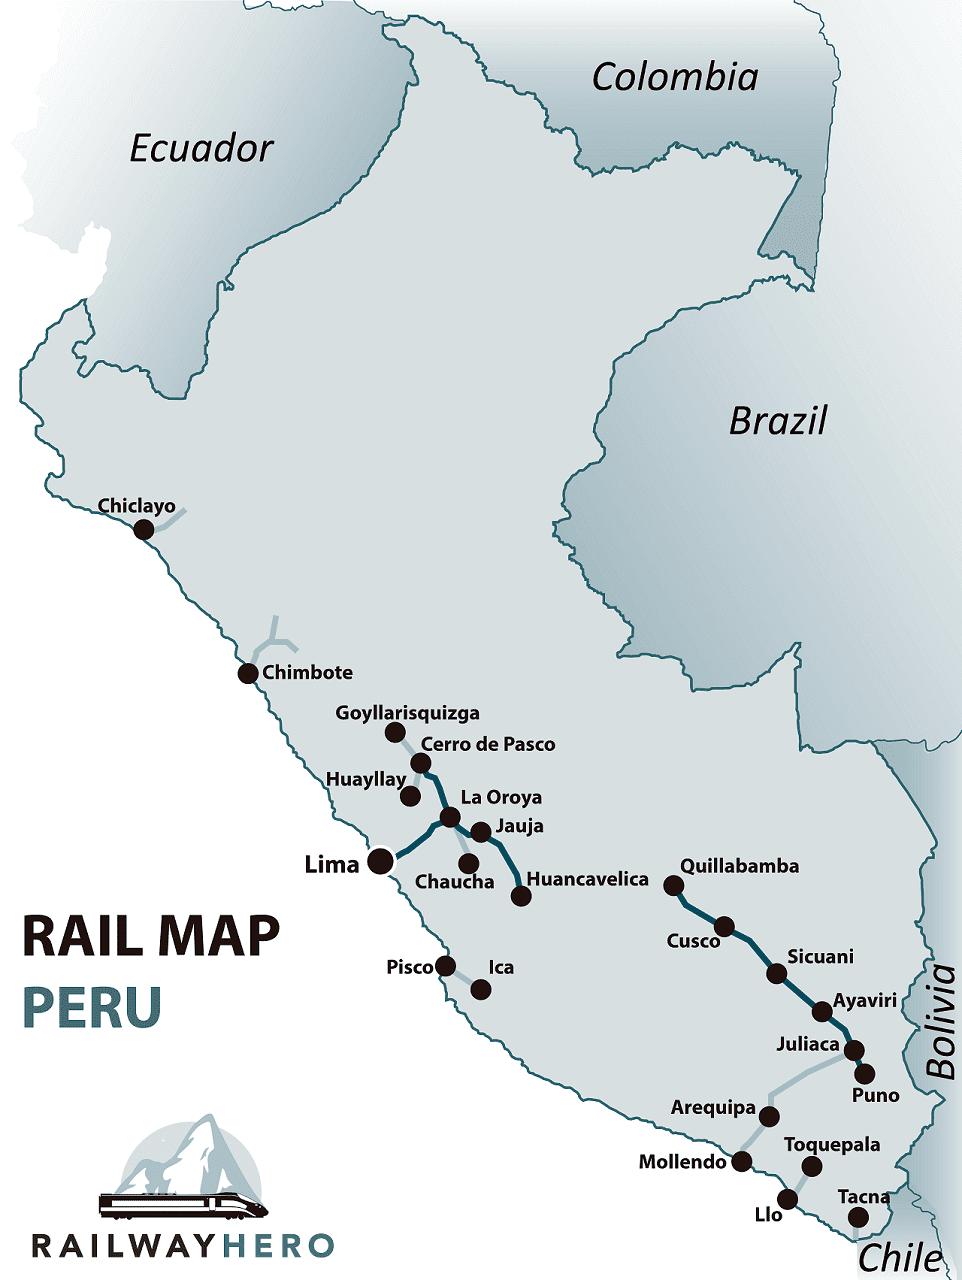 Peru rail map